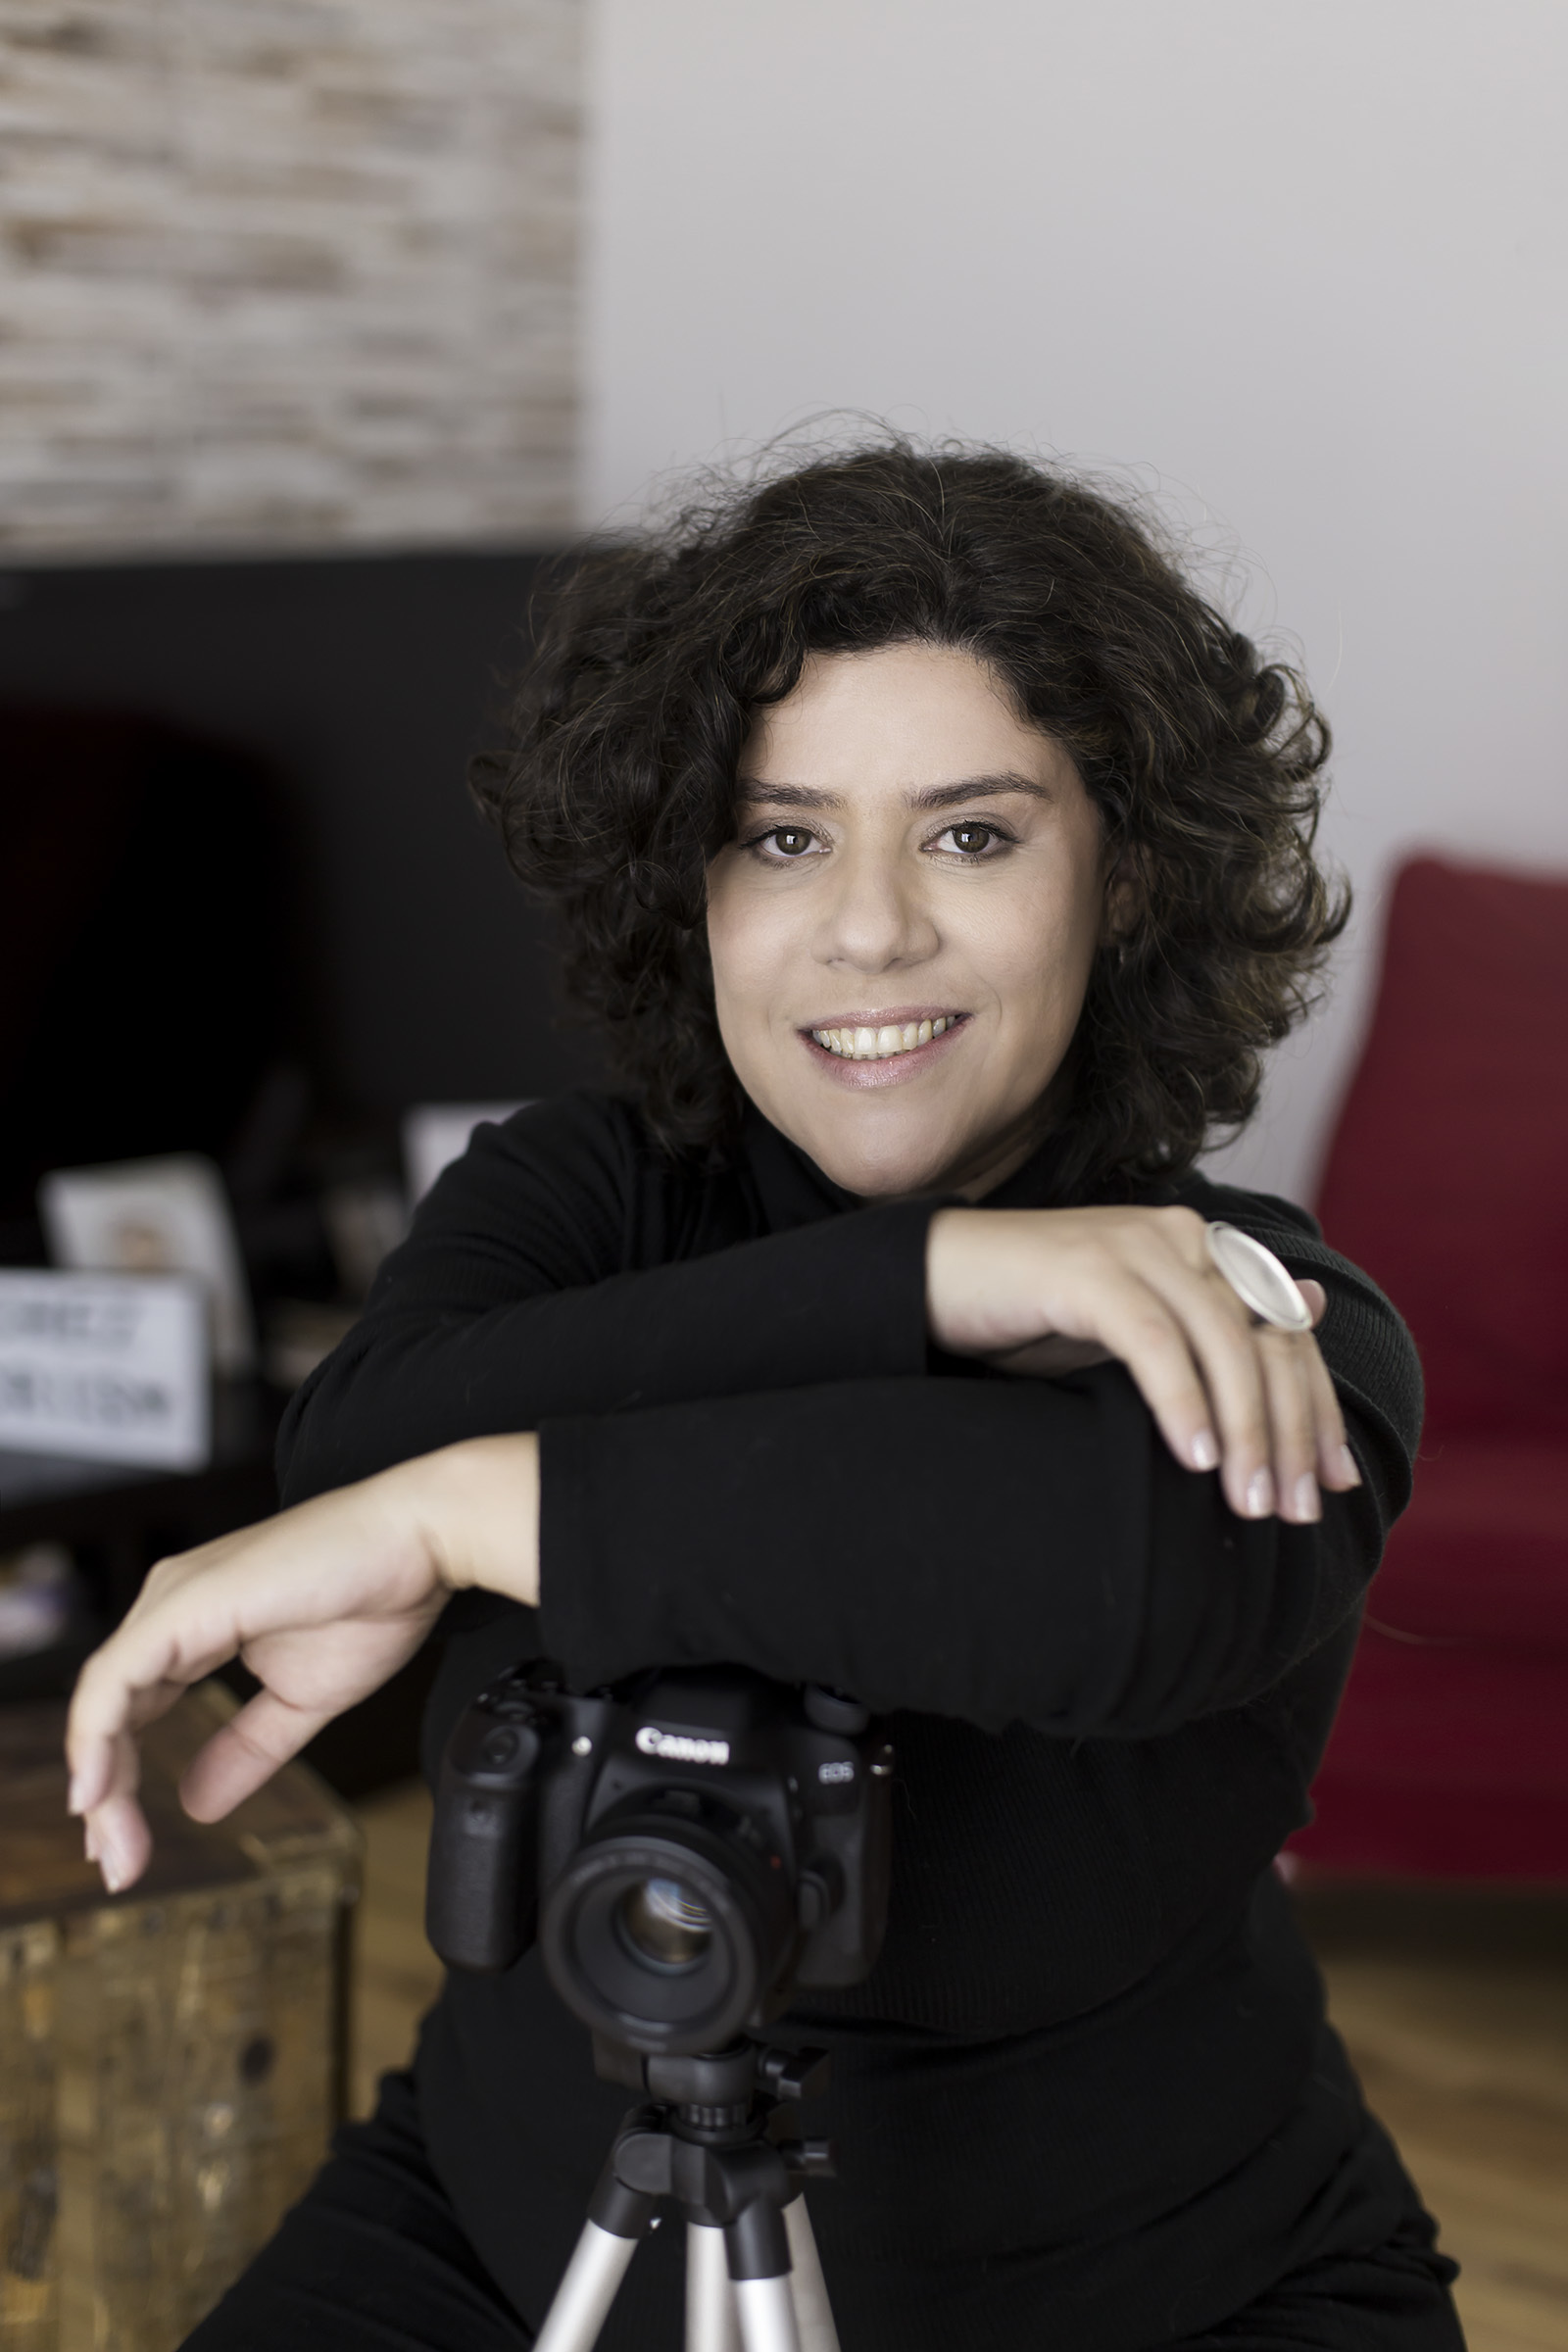 Sobre Cris Cartacho - Fotografia de gestante, newborn e família. São Paulo - SP